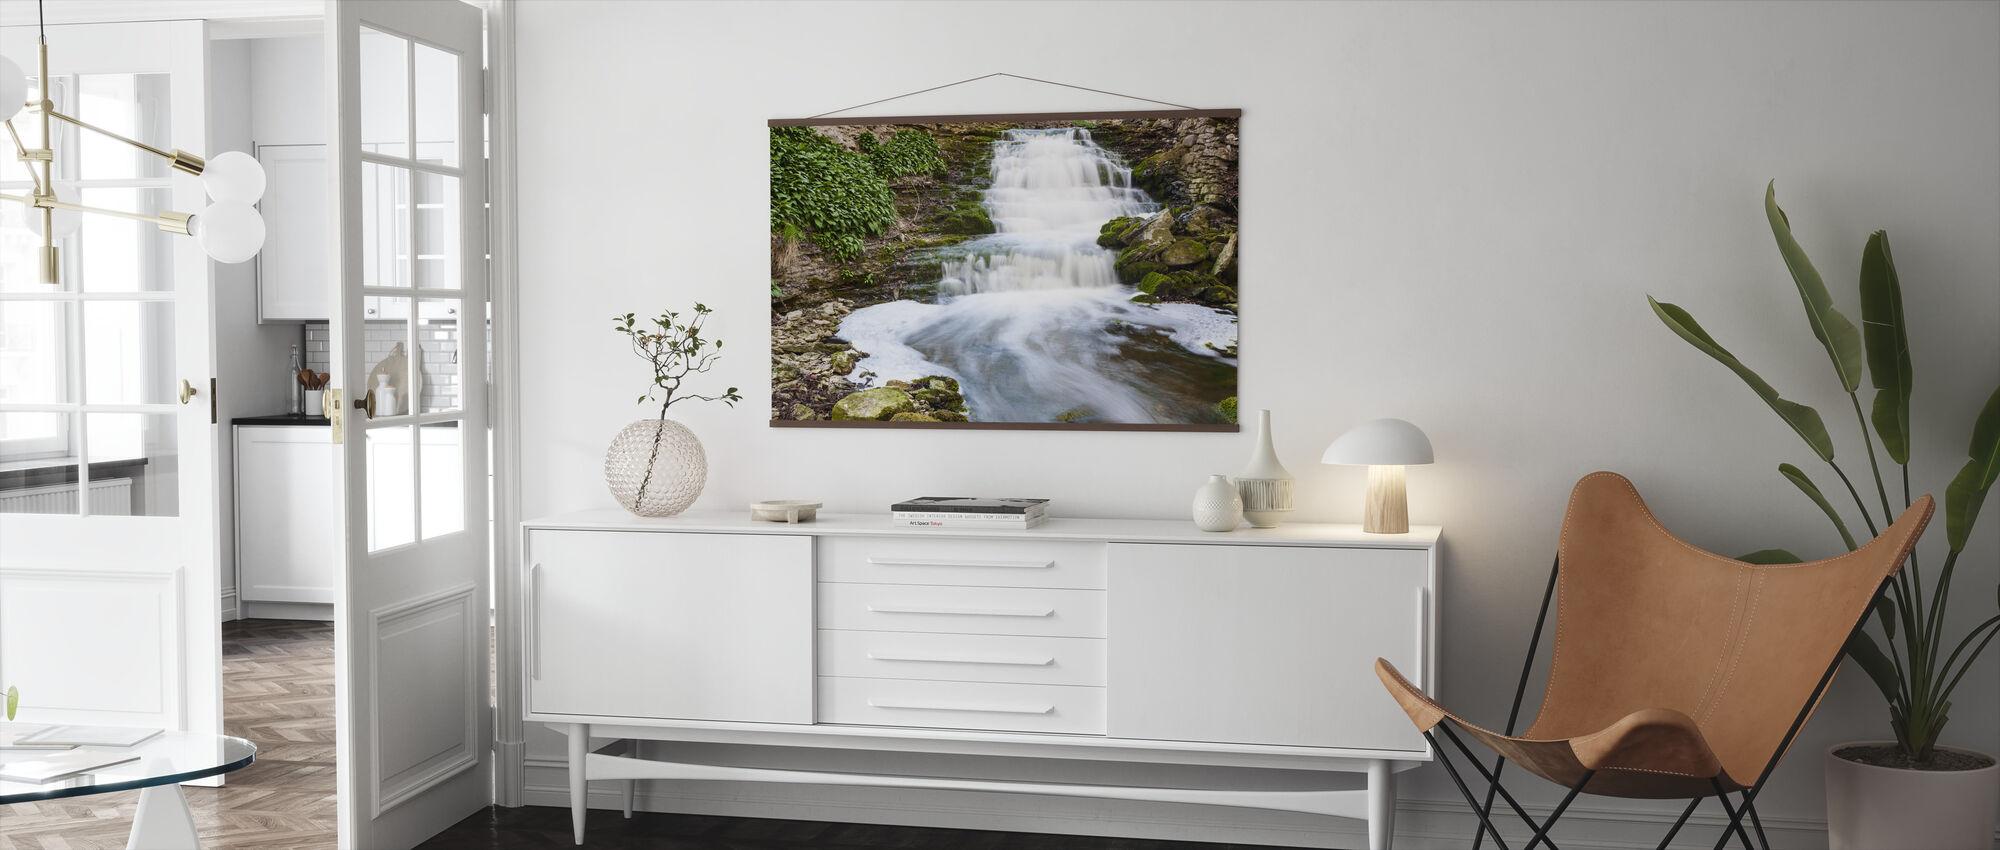 Fluss Gotland - Poster - Wohnzimmer